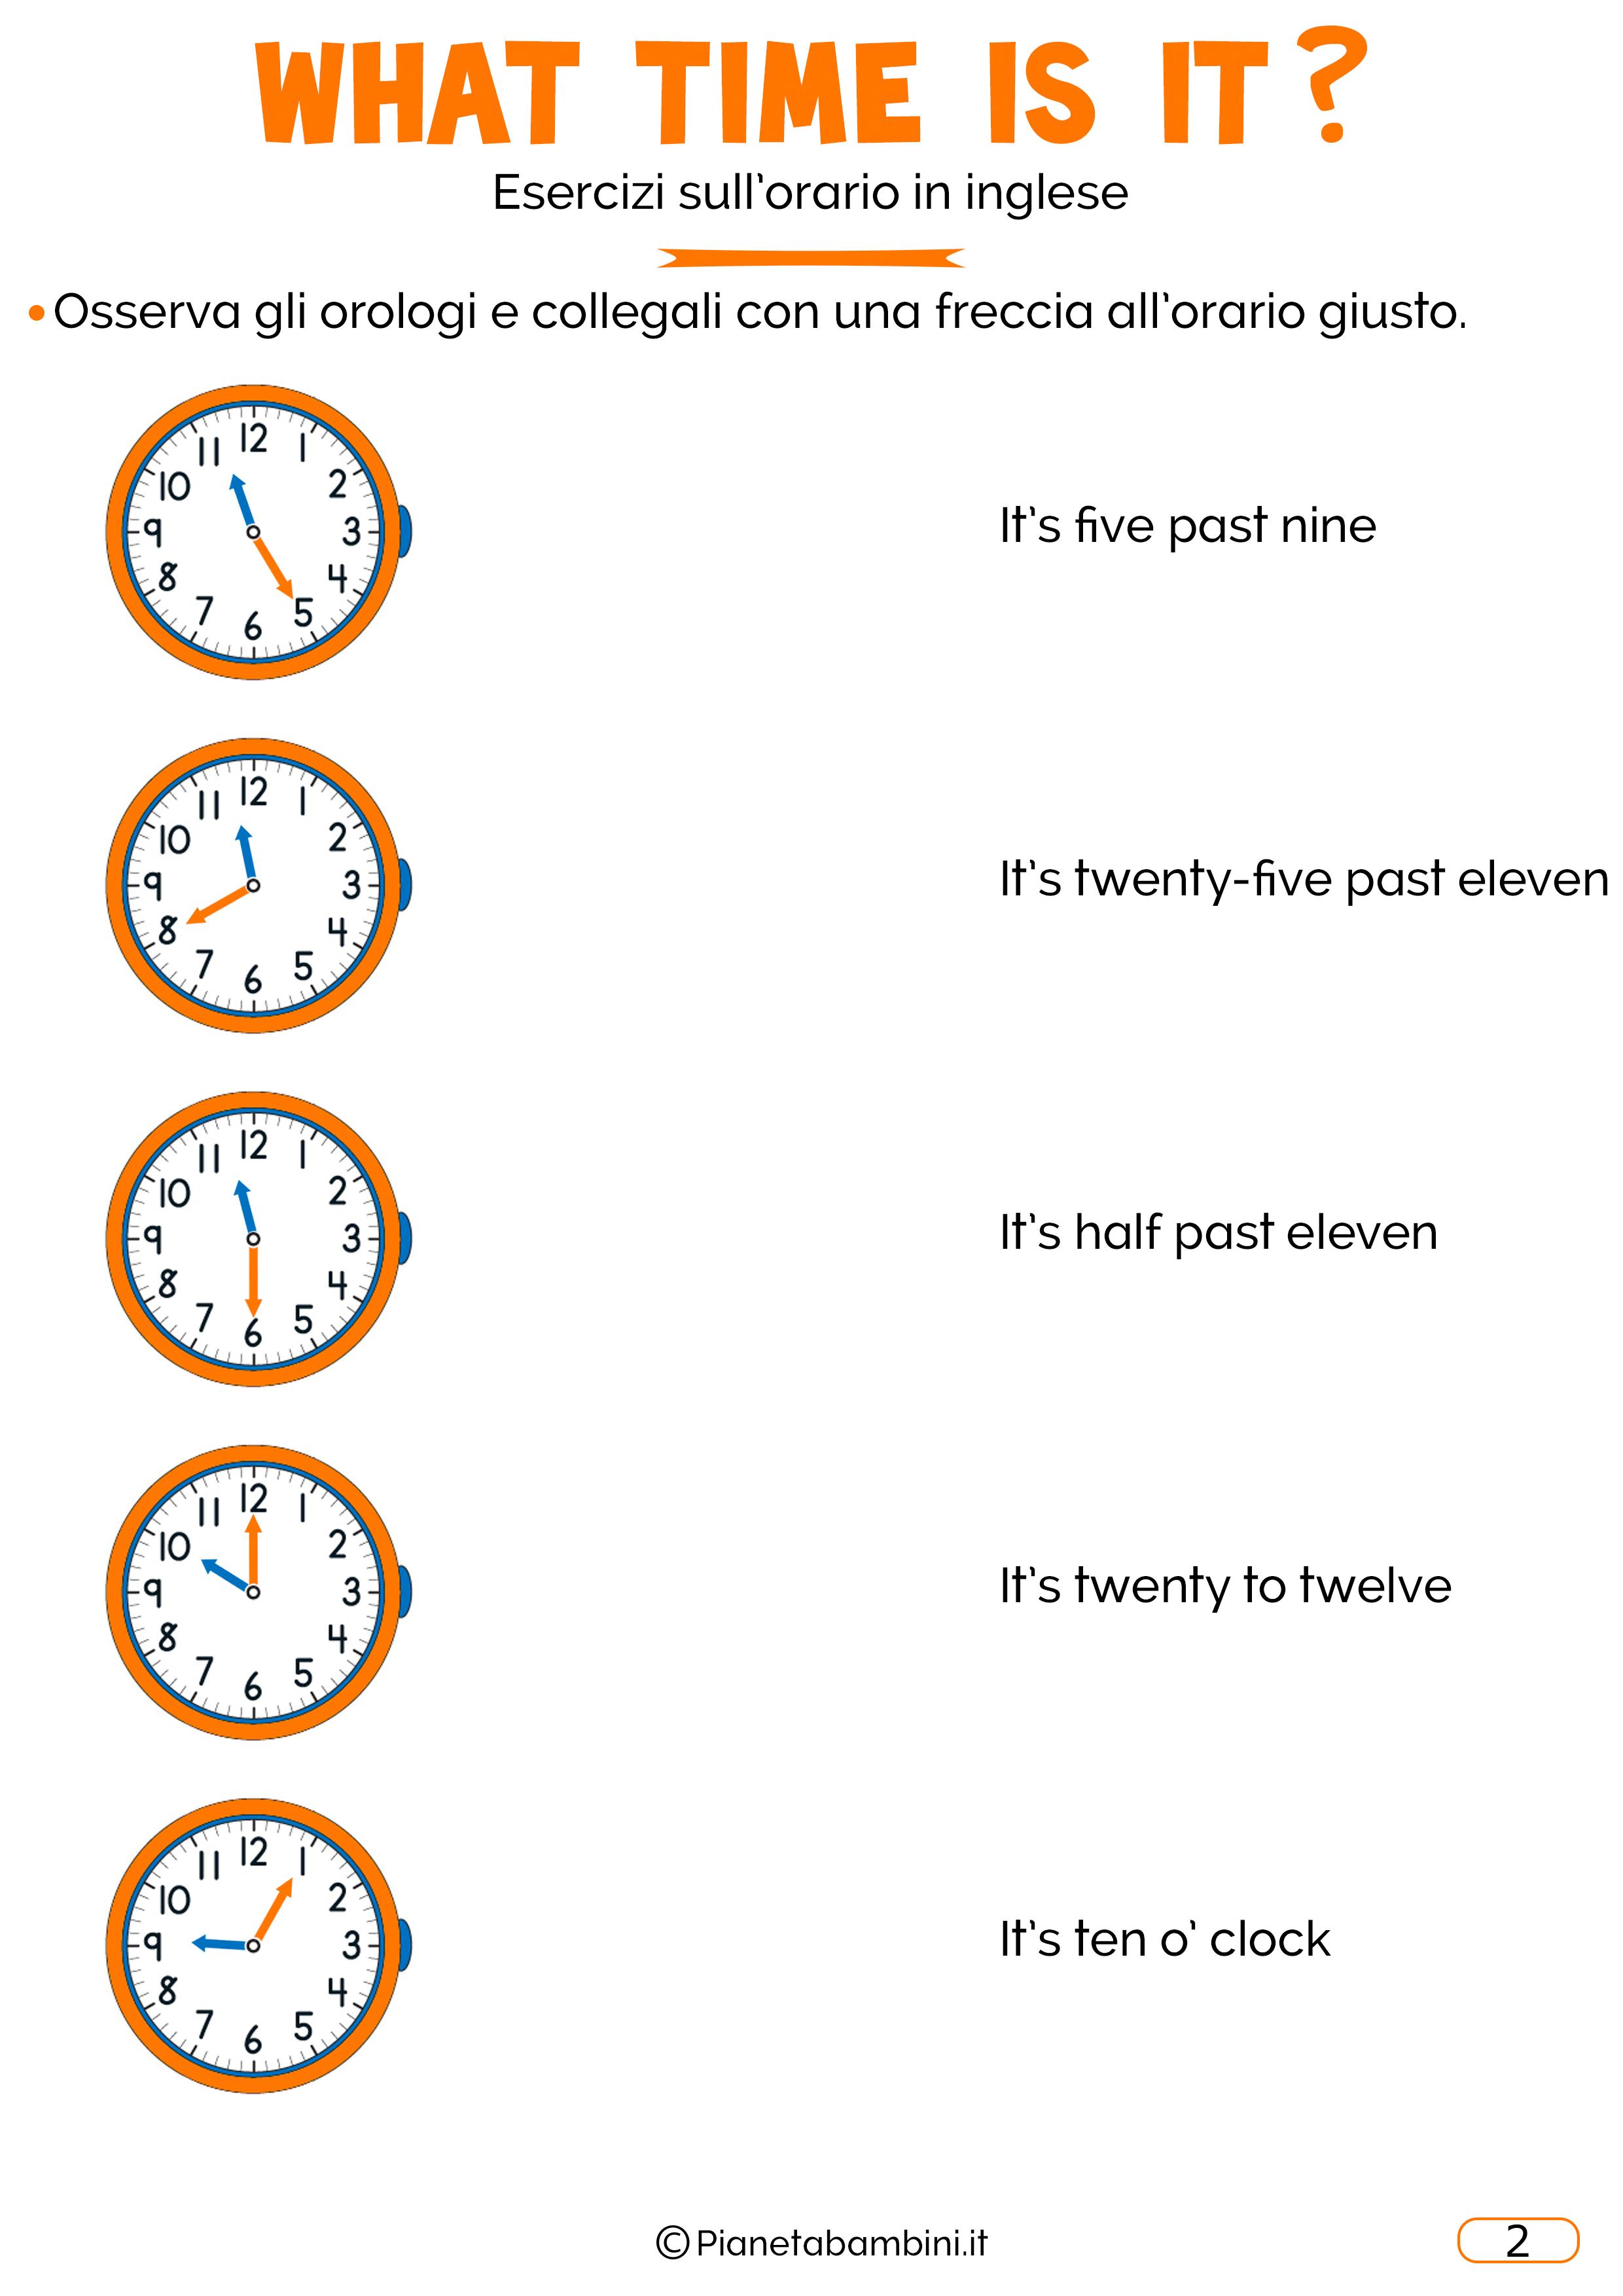 Scheda didattica sull'orario in inglese 02